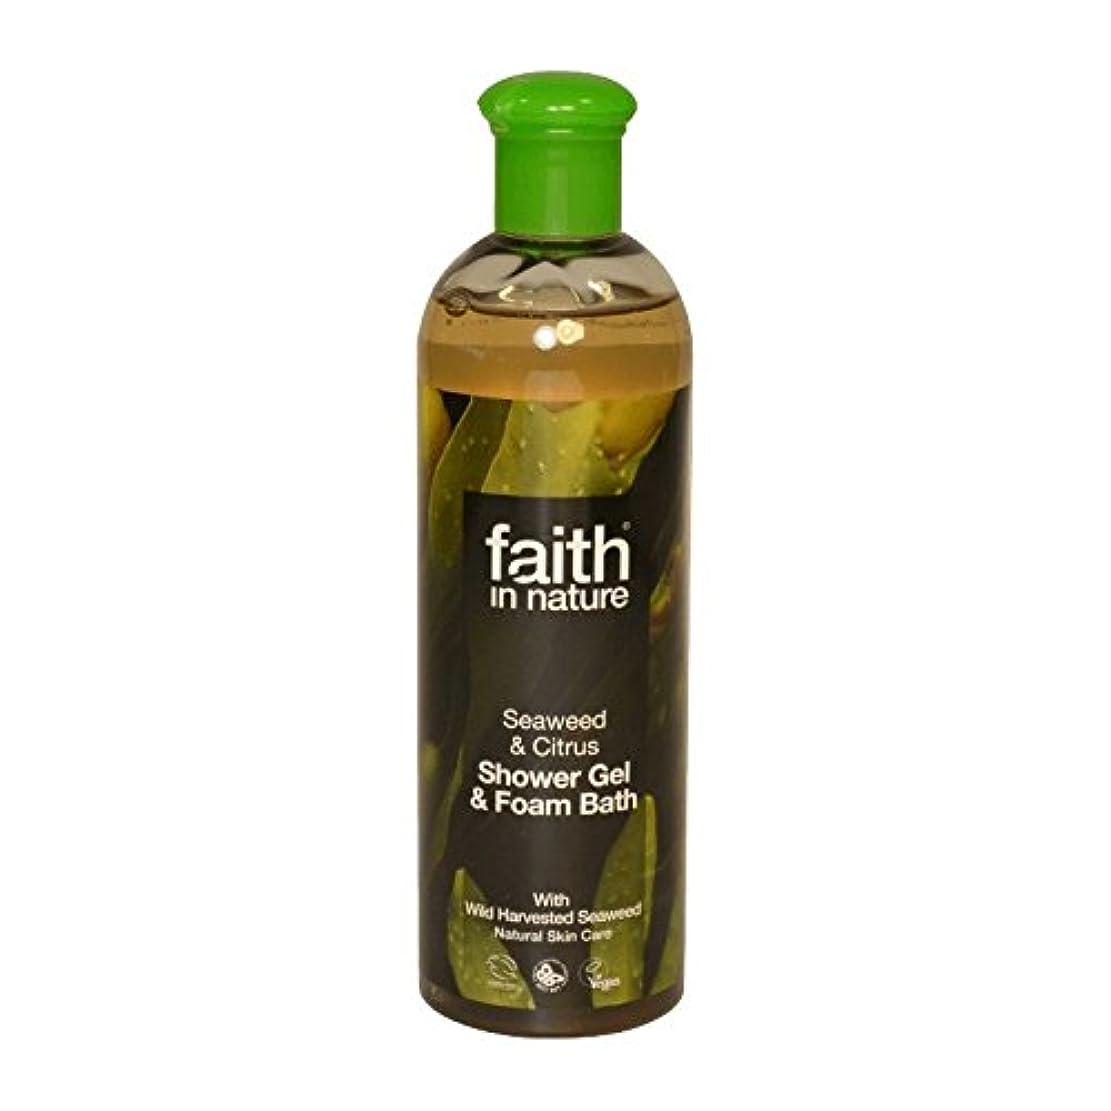 並外れて百科事典バウンス自然の海藻&シトラスシャワージェル&バス泡400ミリリットルの信仰 - Faith in Nature Seaweed & Citrus Shower Gel & Bath Foam 400ml (Faith in Nature...